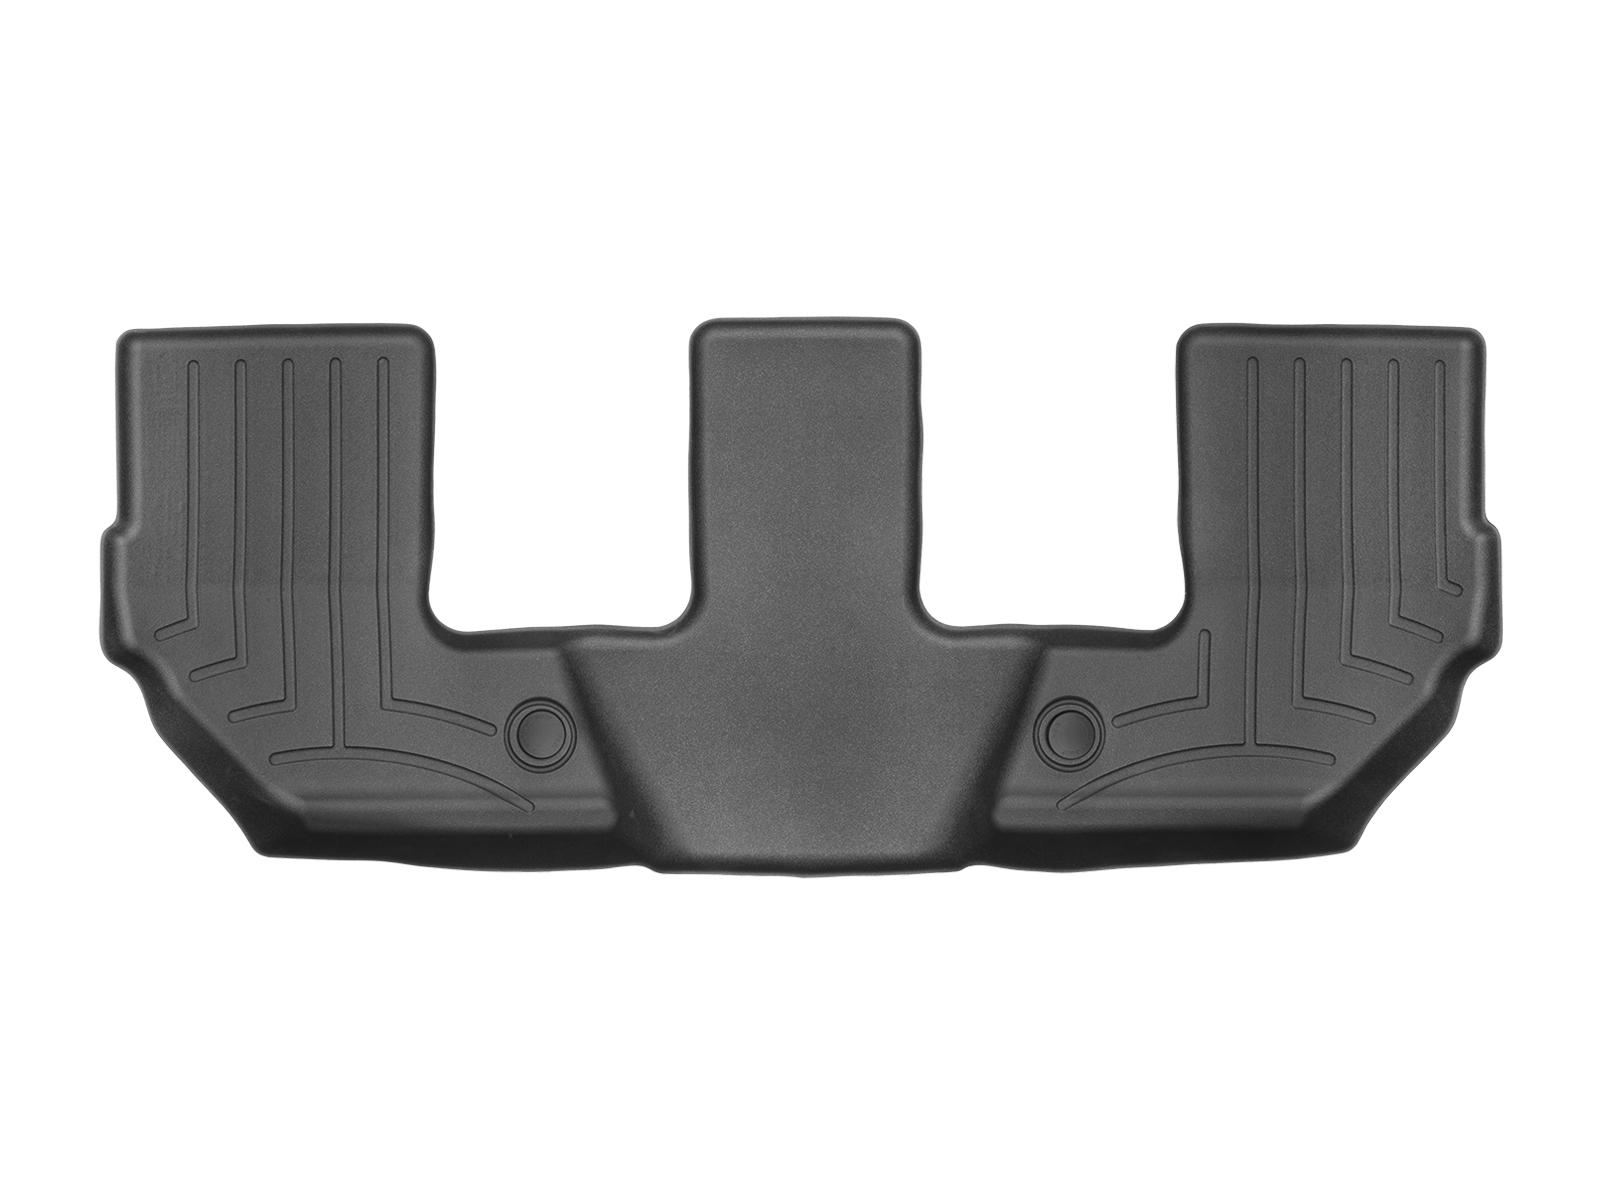 Tappeti gomma su misura bordo alto Volvo XC90 15>17 Nero A4463*